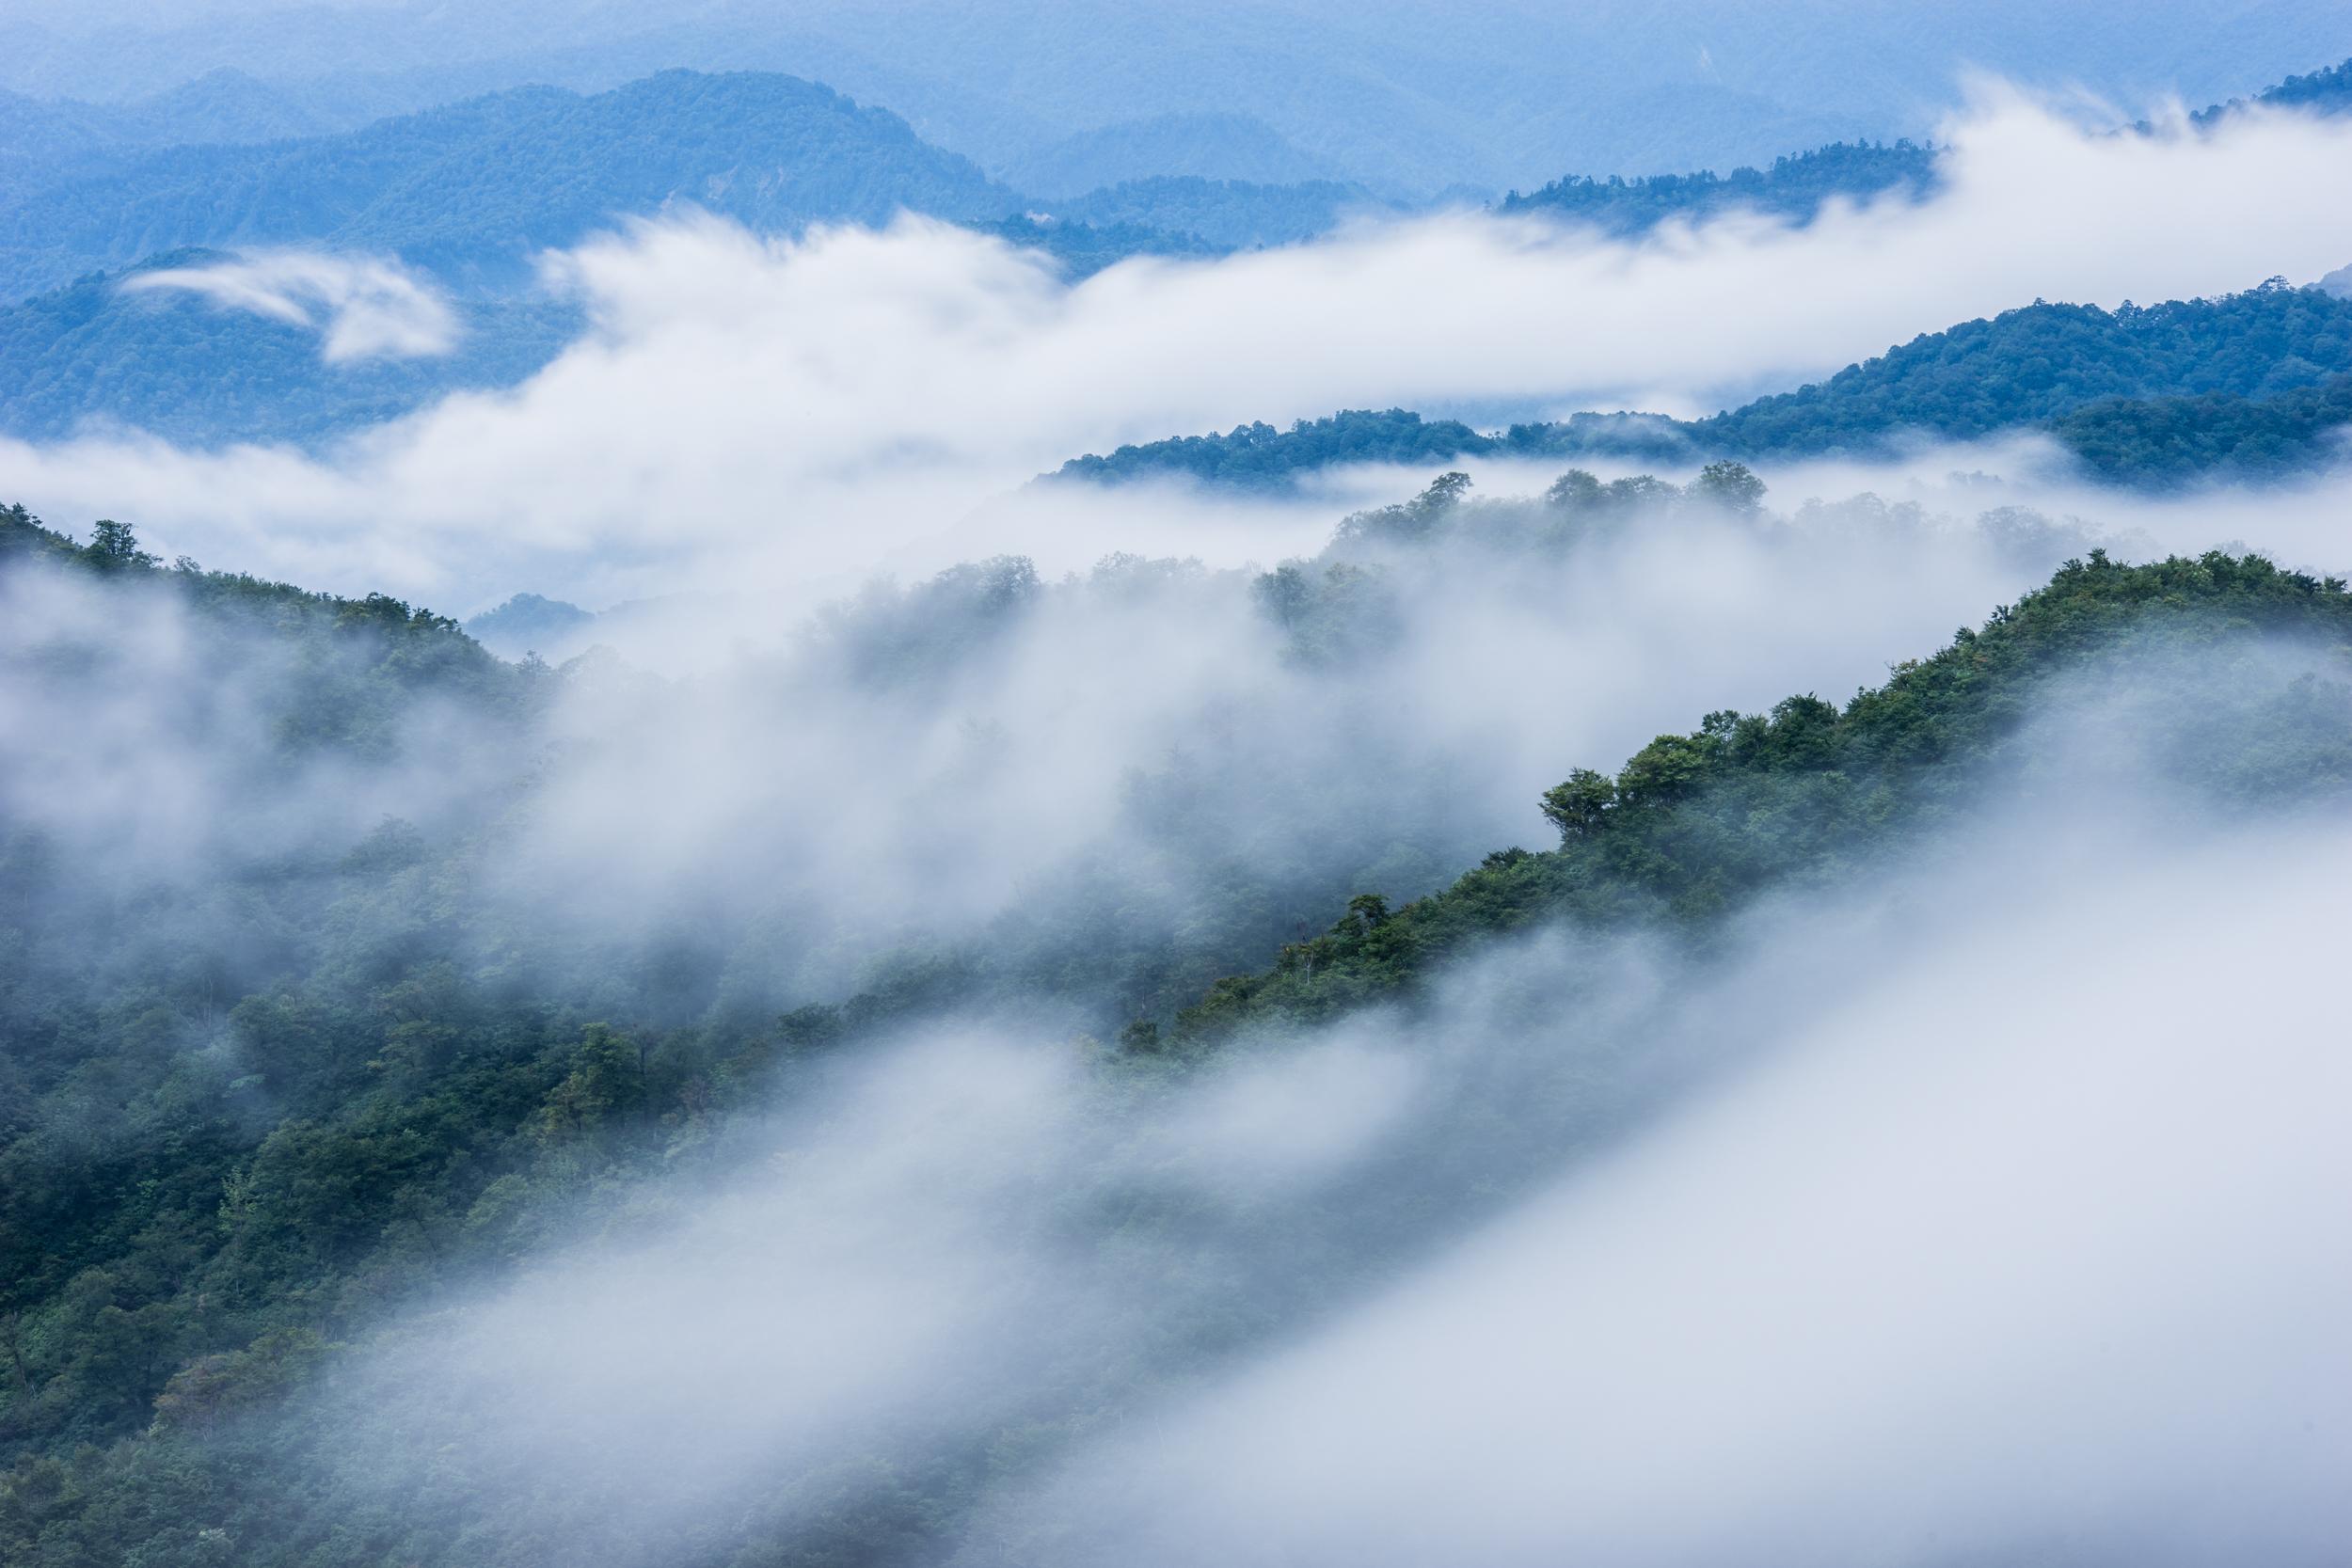 新潟県 枝折峠 雲海